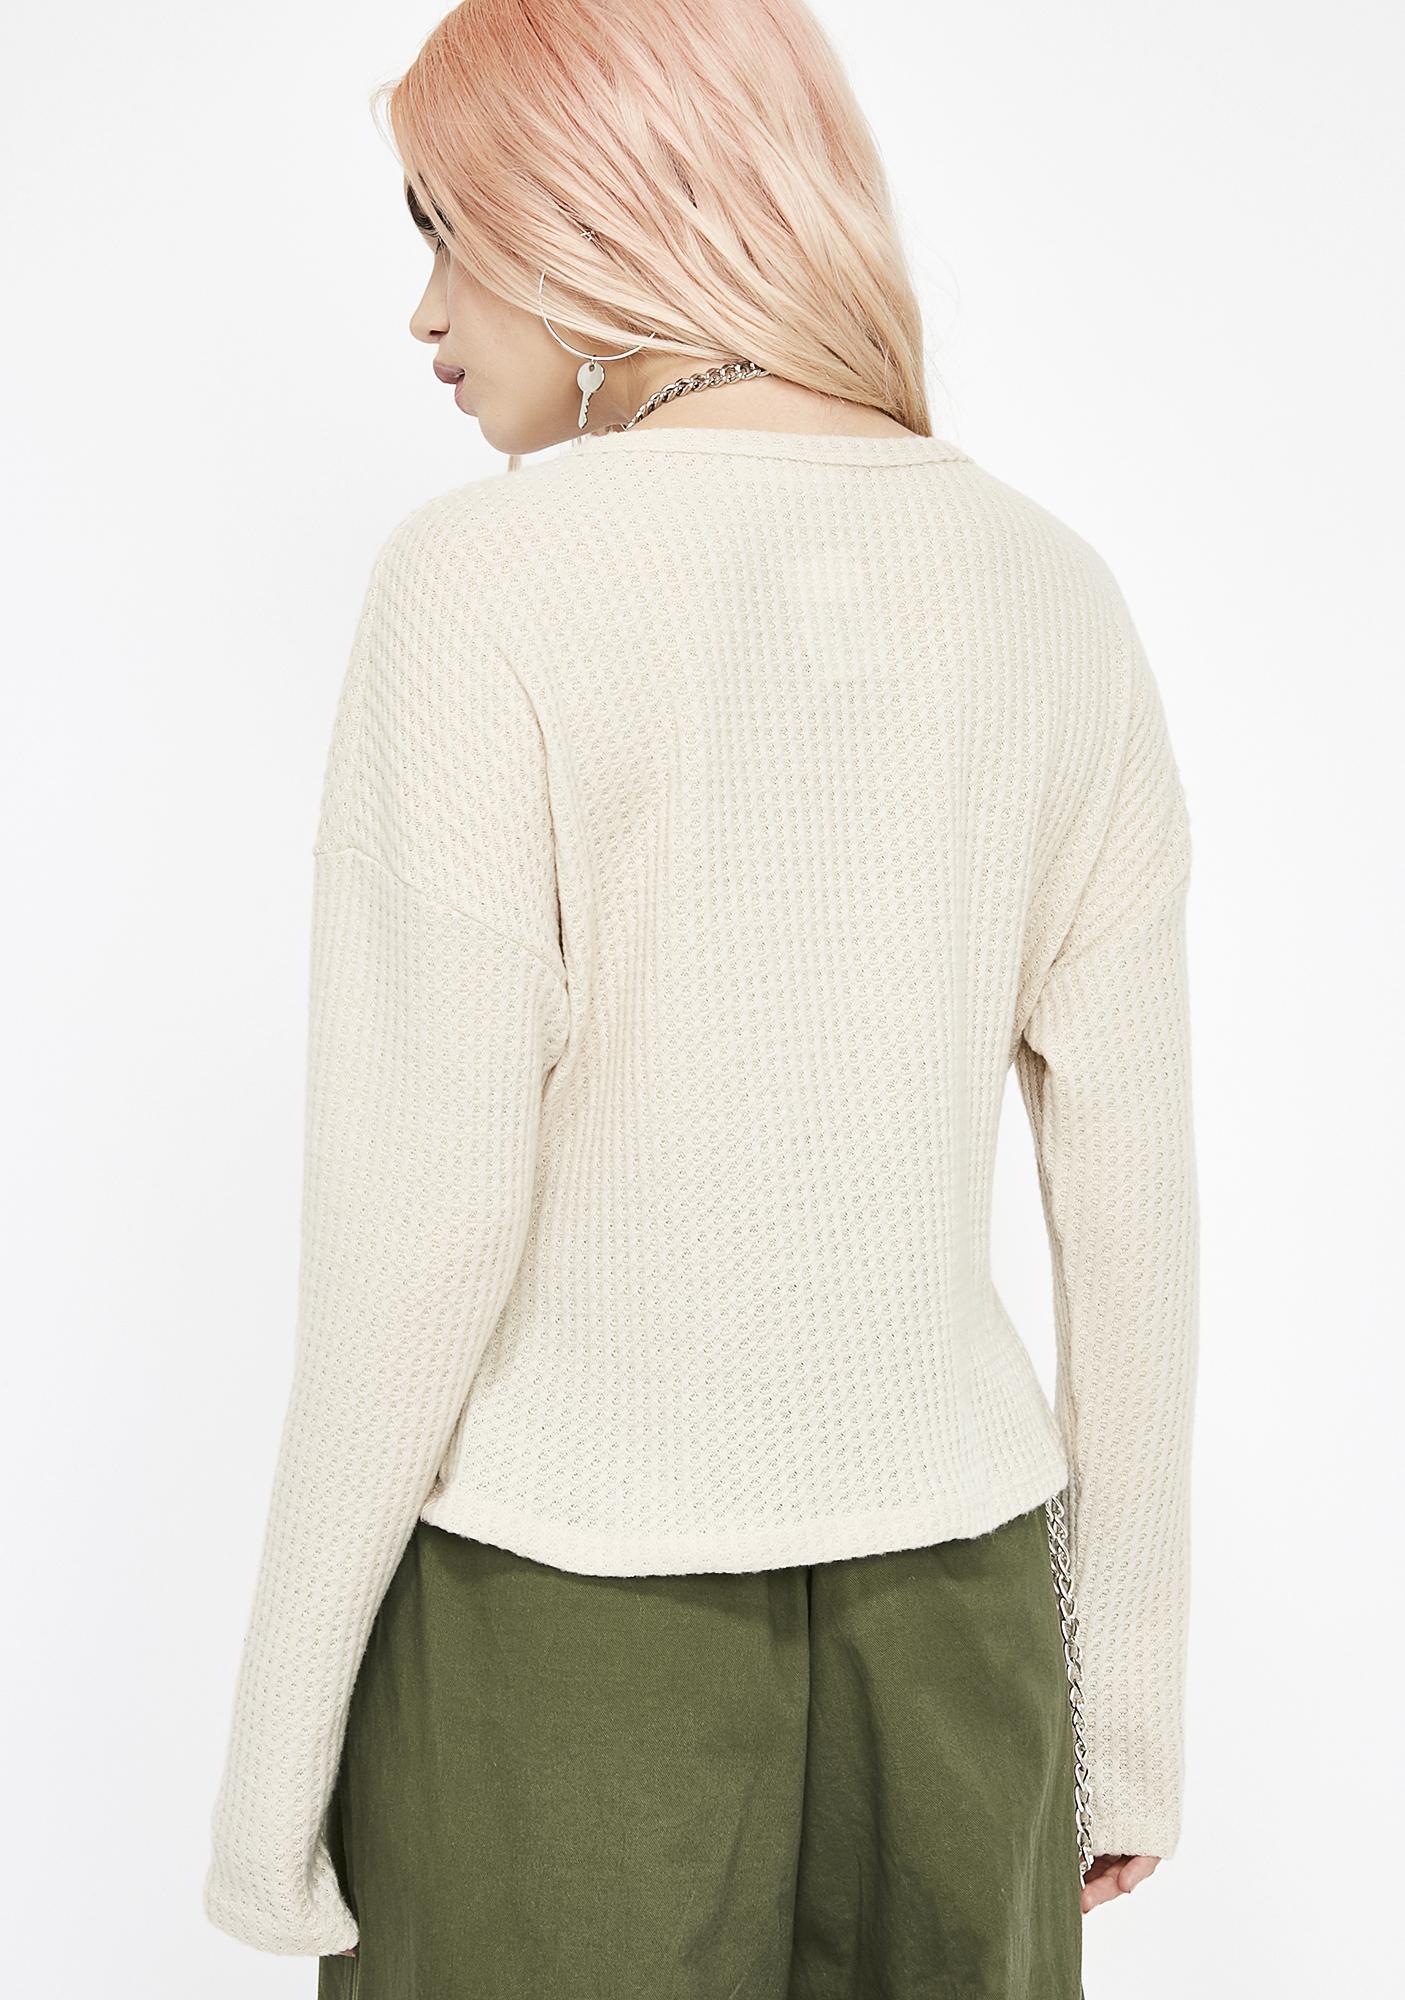 Natural Baddie Logic Knit Top